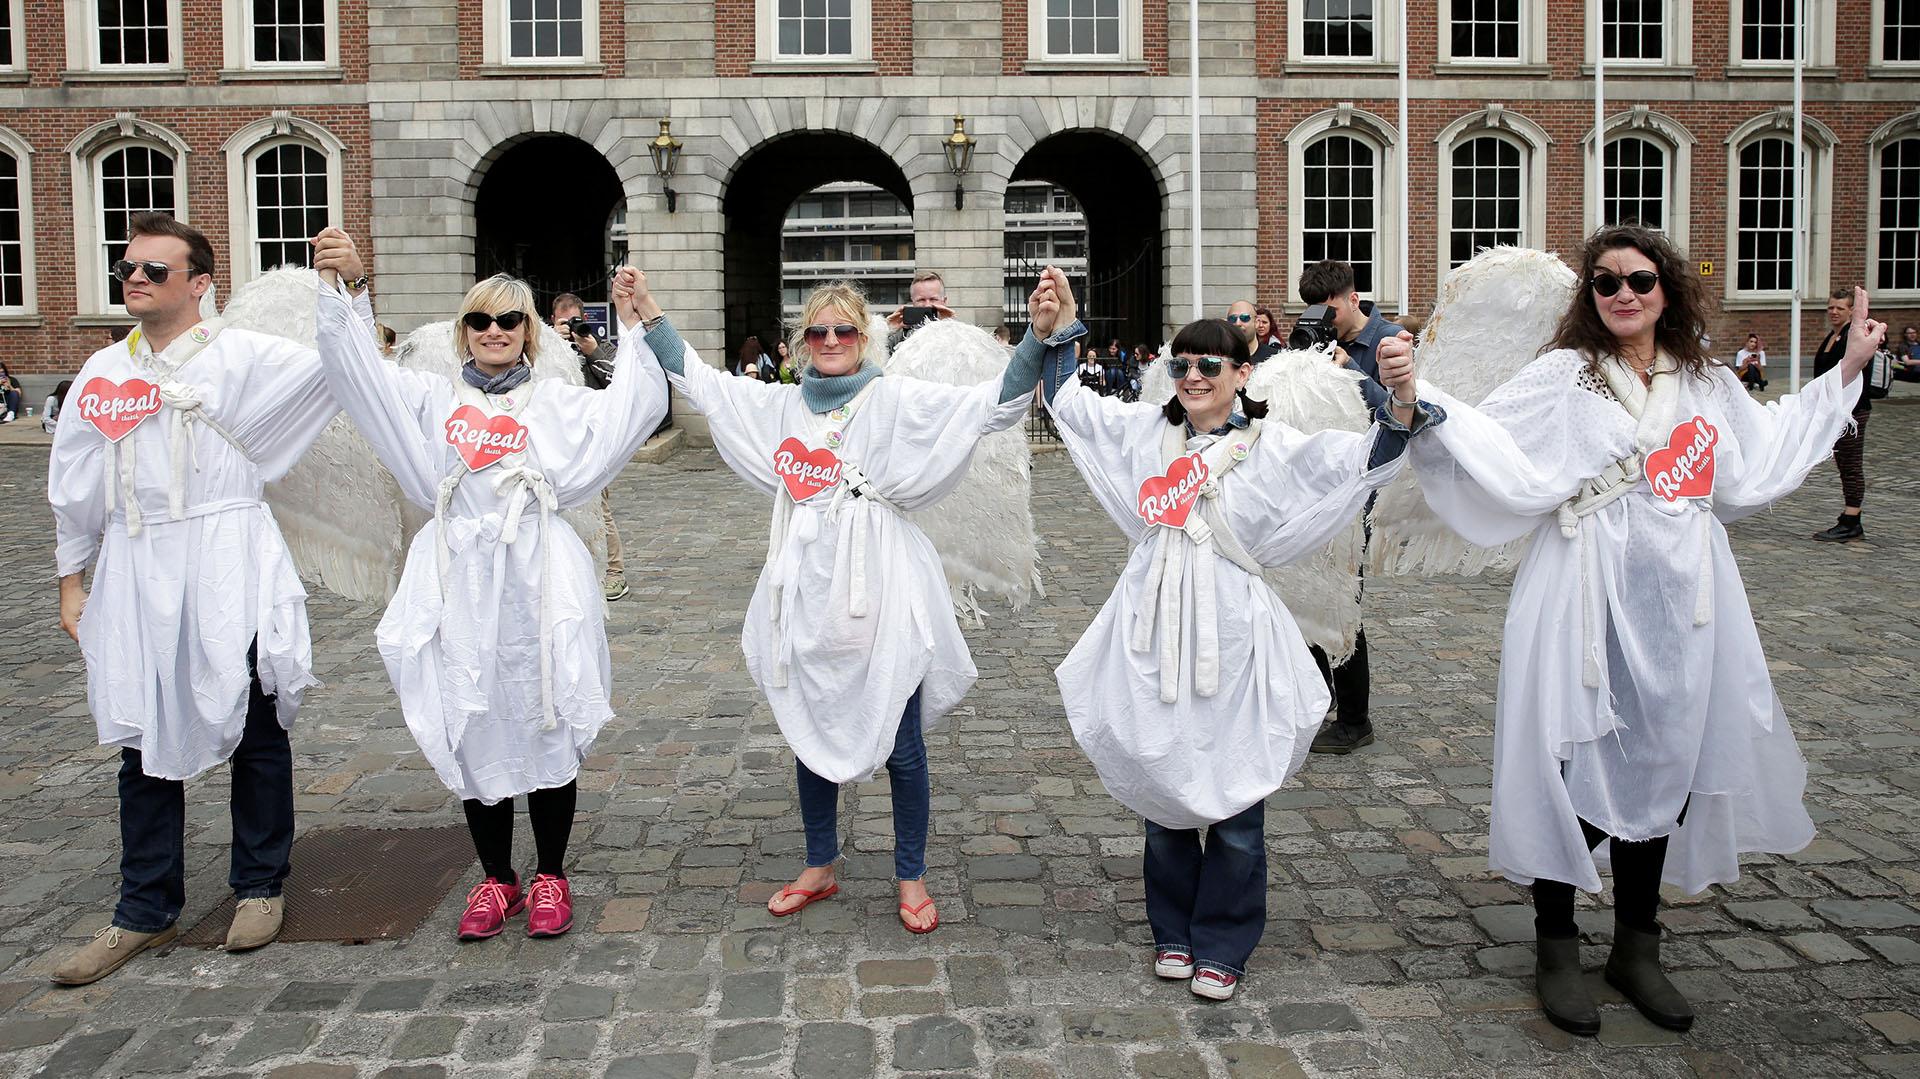 Festejos en Dublin por la liberalización del aborto (REUTERS/Max Rossi)